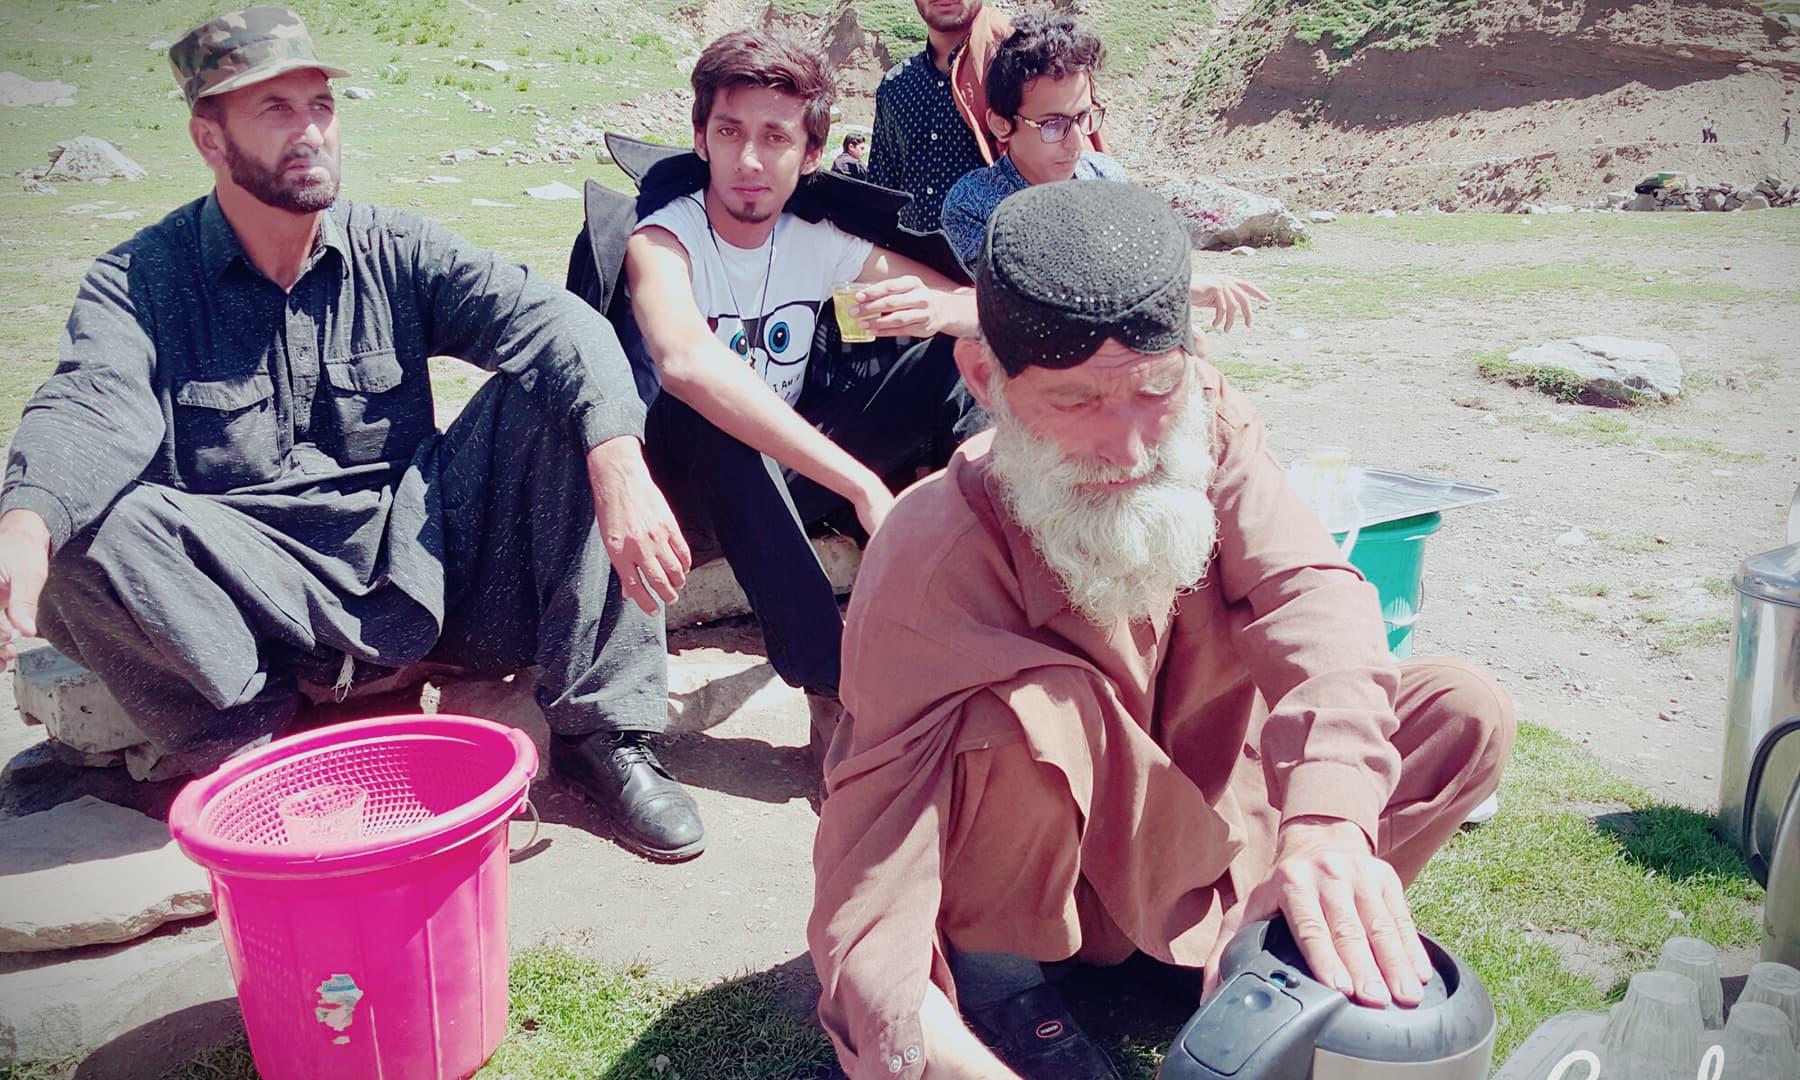 عبدالحلیم بابا 20 سال سے سیف الملوک جھیل پر پشاوری قہوہ سیاحوں کو پیش کرتے چلے آ رہے ہیں—تصویر عظمت اکبر